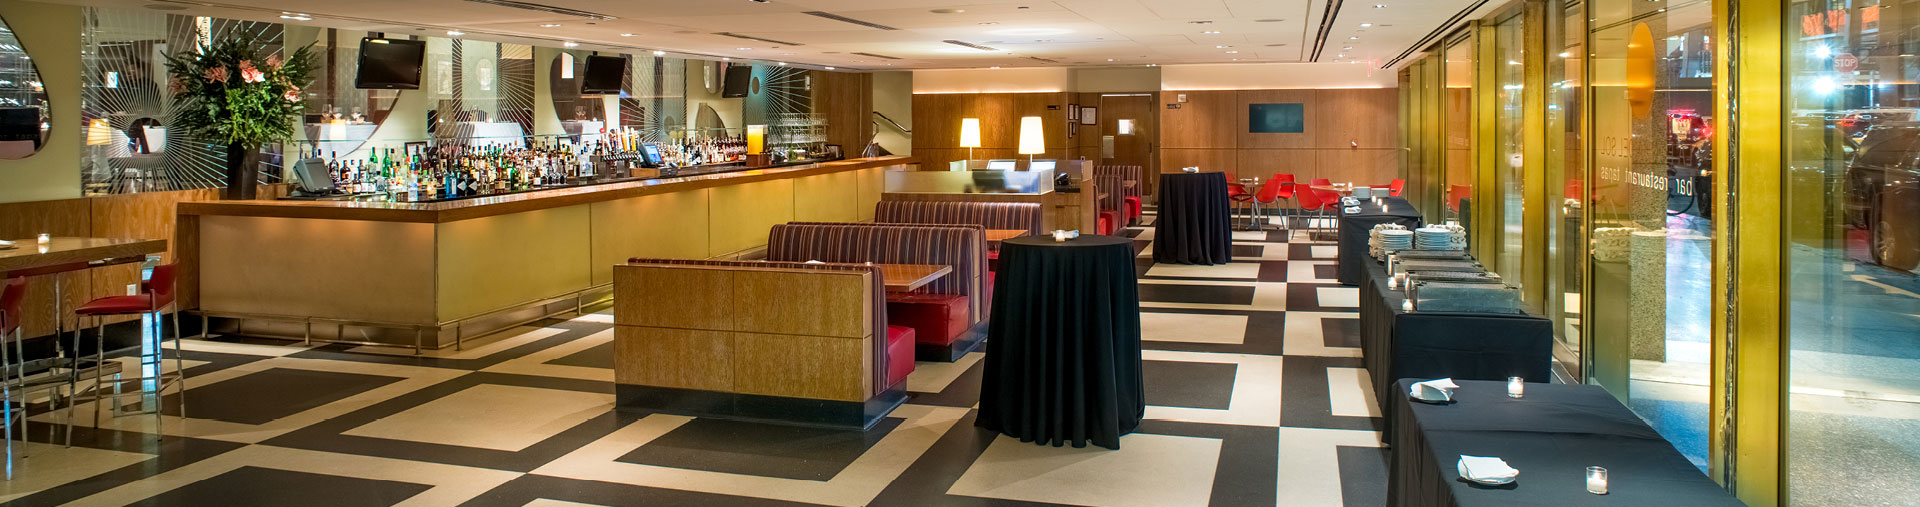 Tapas Lounge event space at La Fonda del Sol in NYC